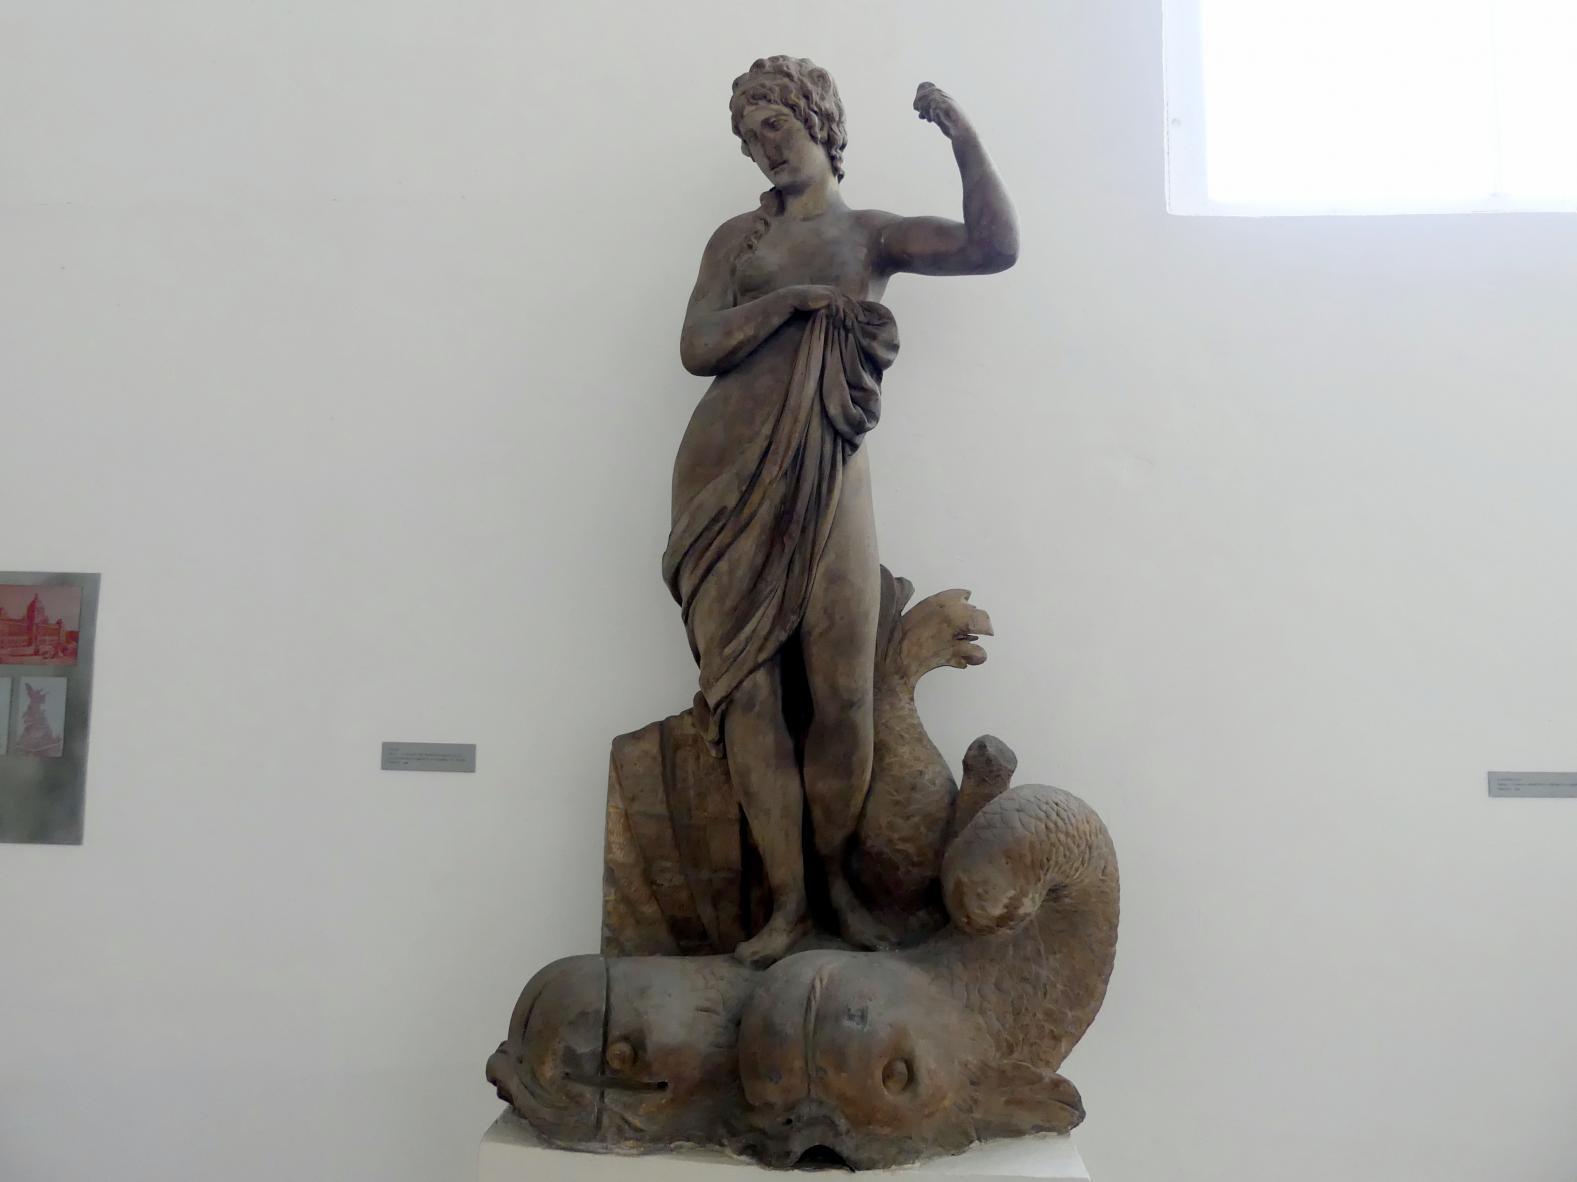 Venus (römische Göttin der Liebe und der Schönheit), nach 1805